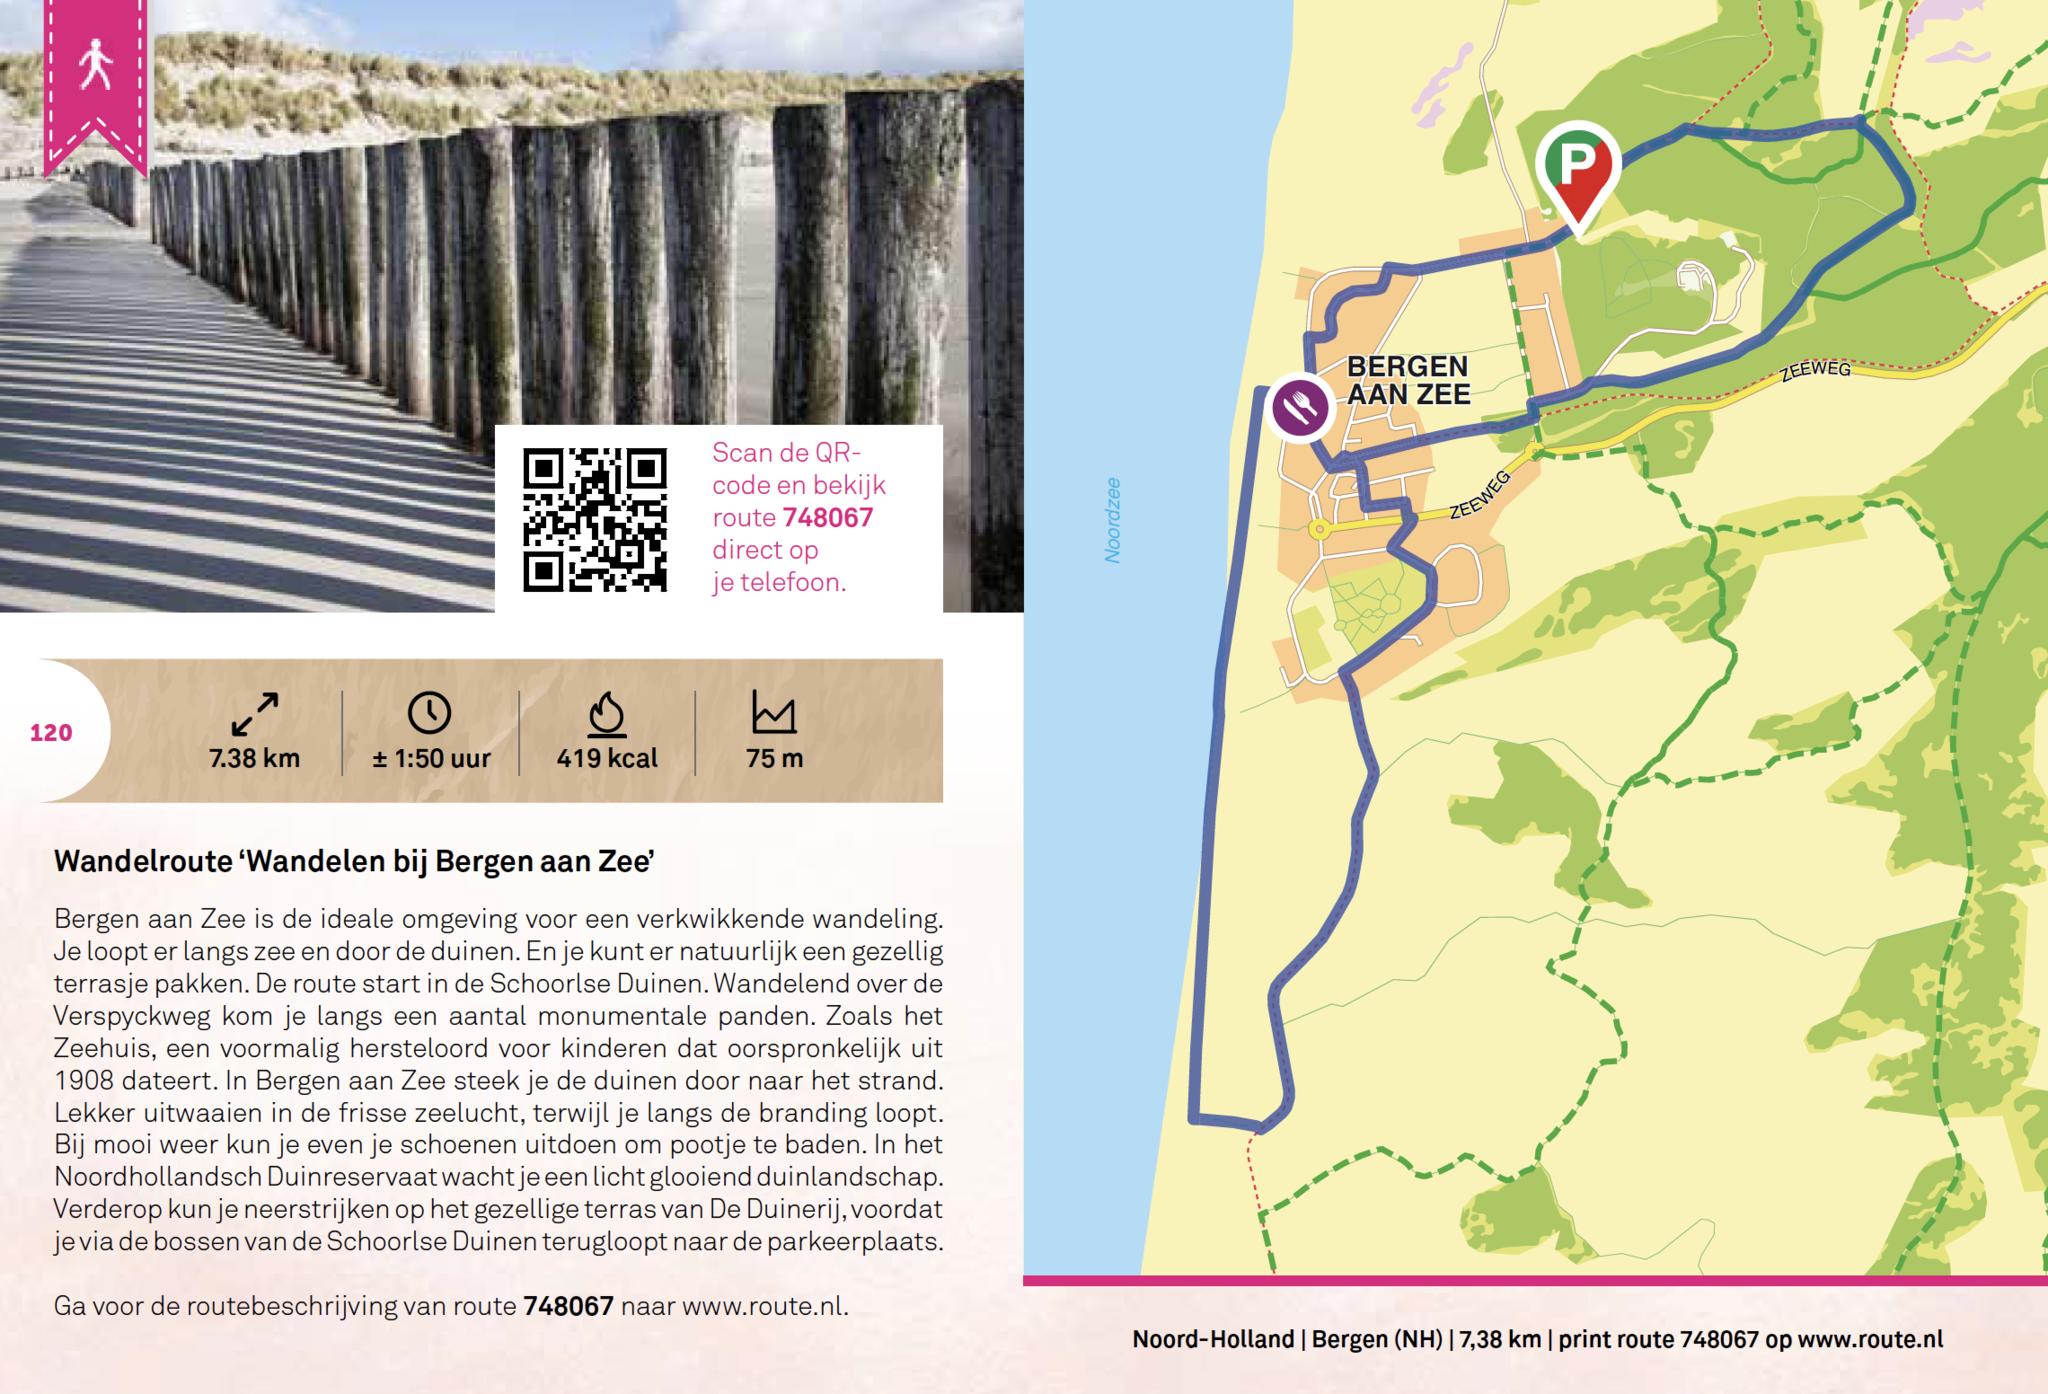 route.nl Groots Genieten 100 populairste wandelroutes van route.nl, picture 345788103